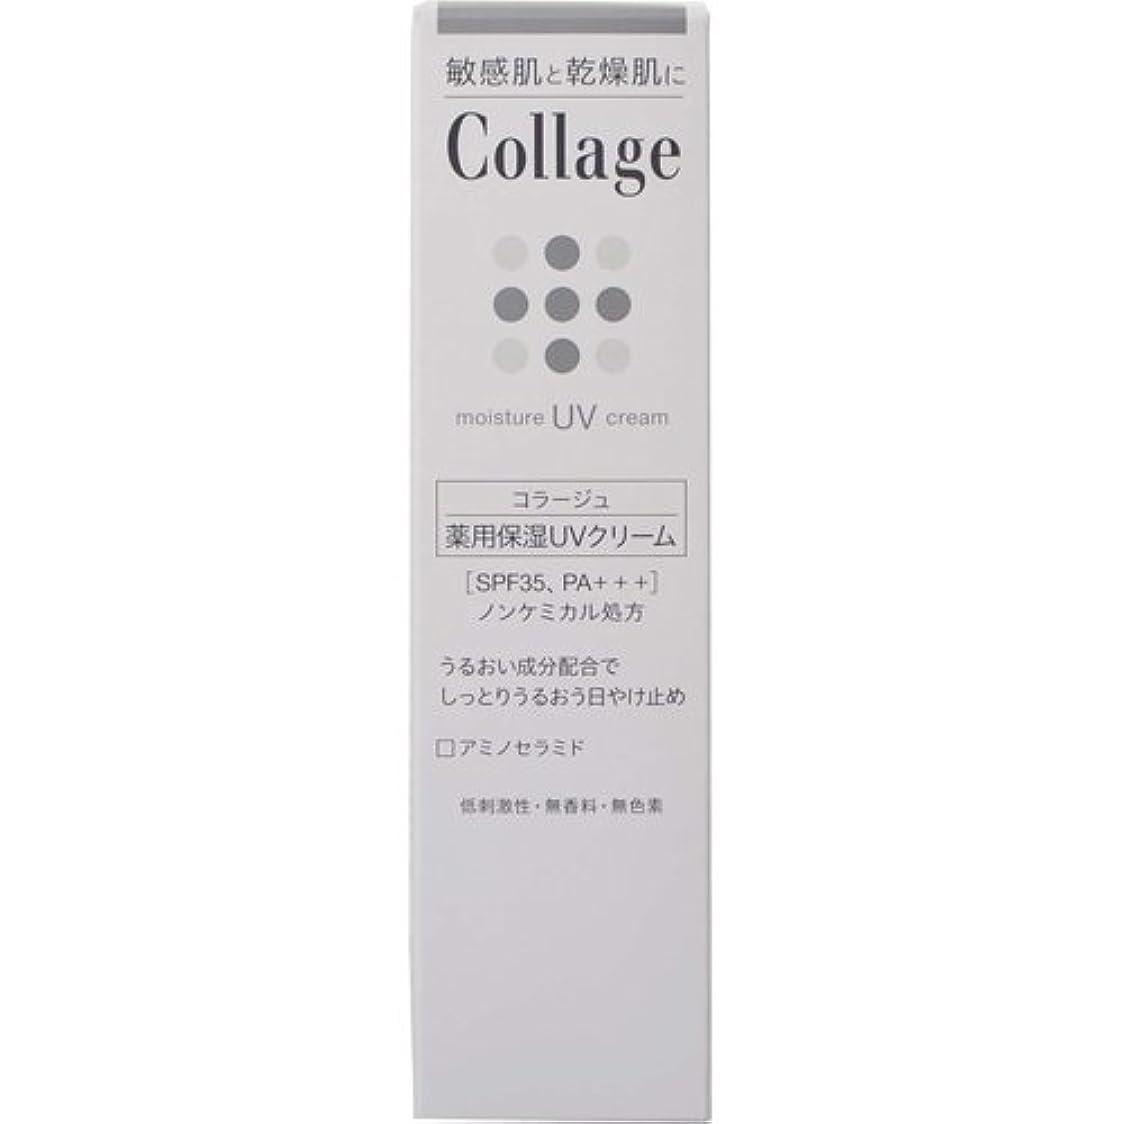 コラージュ 薬用保湿UVクリーム 30g 【医薬部外品】